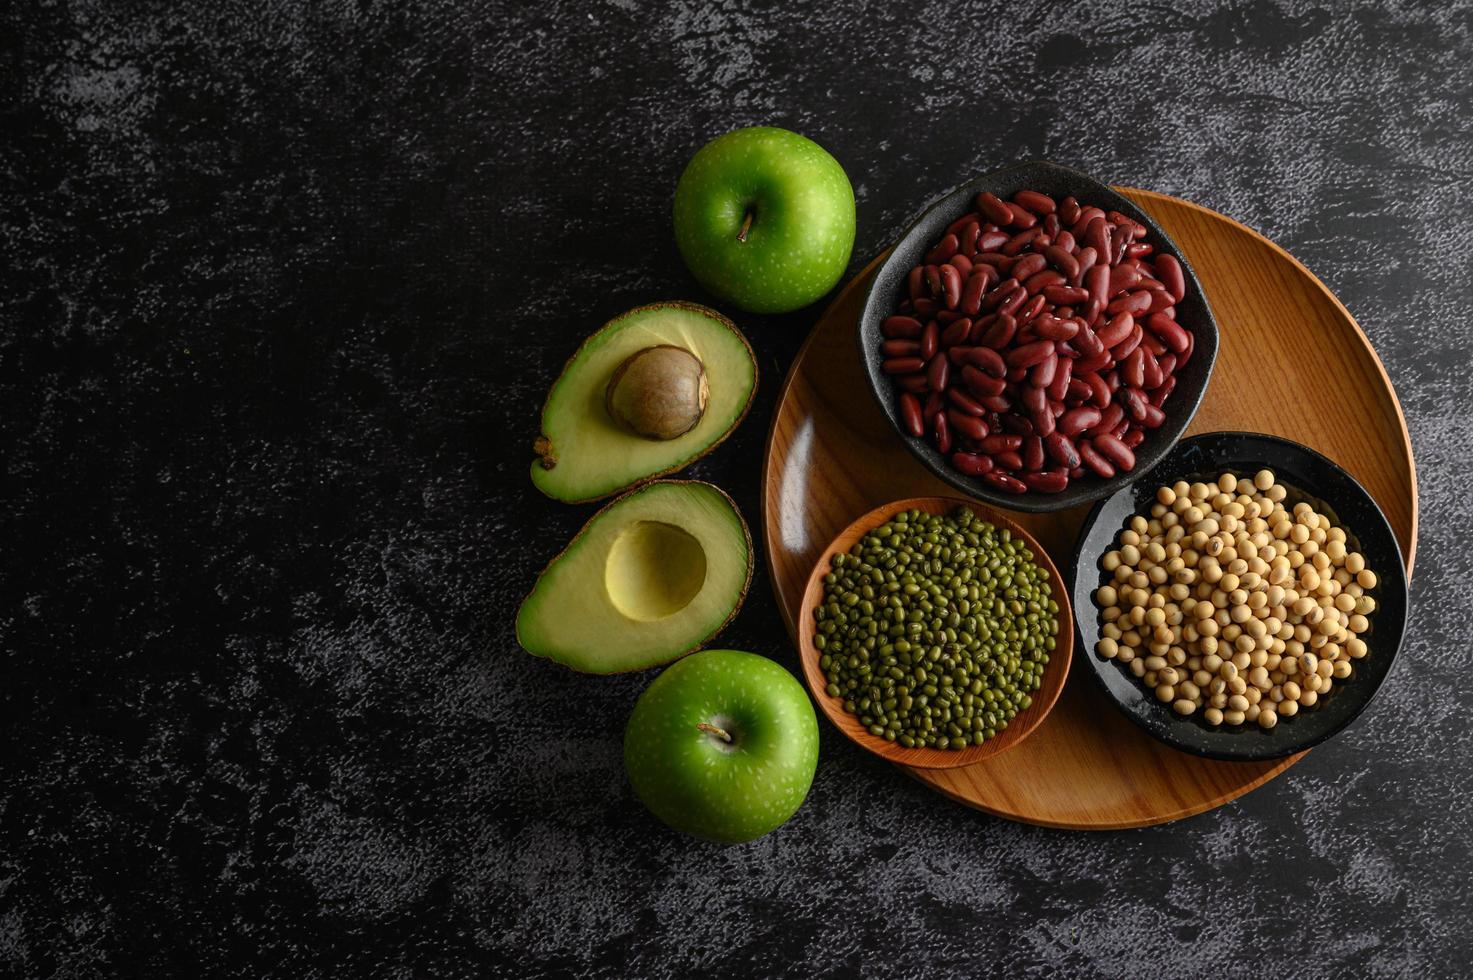 legumbres y frutas sobre un fondo oscuro foto